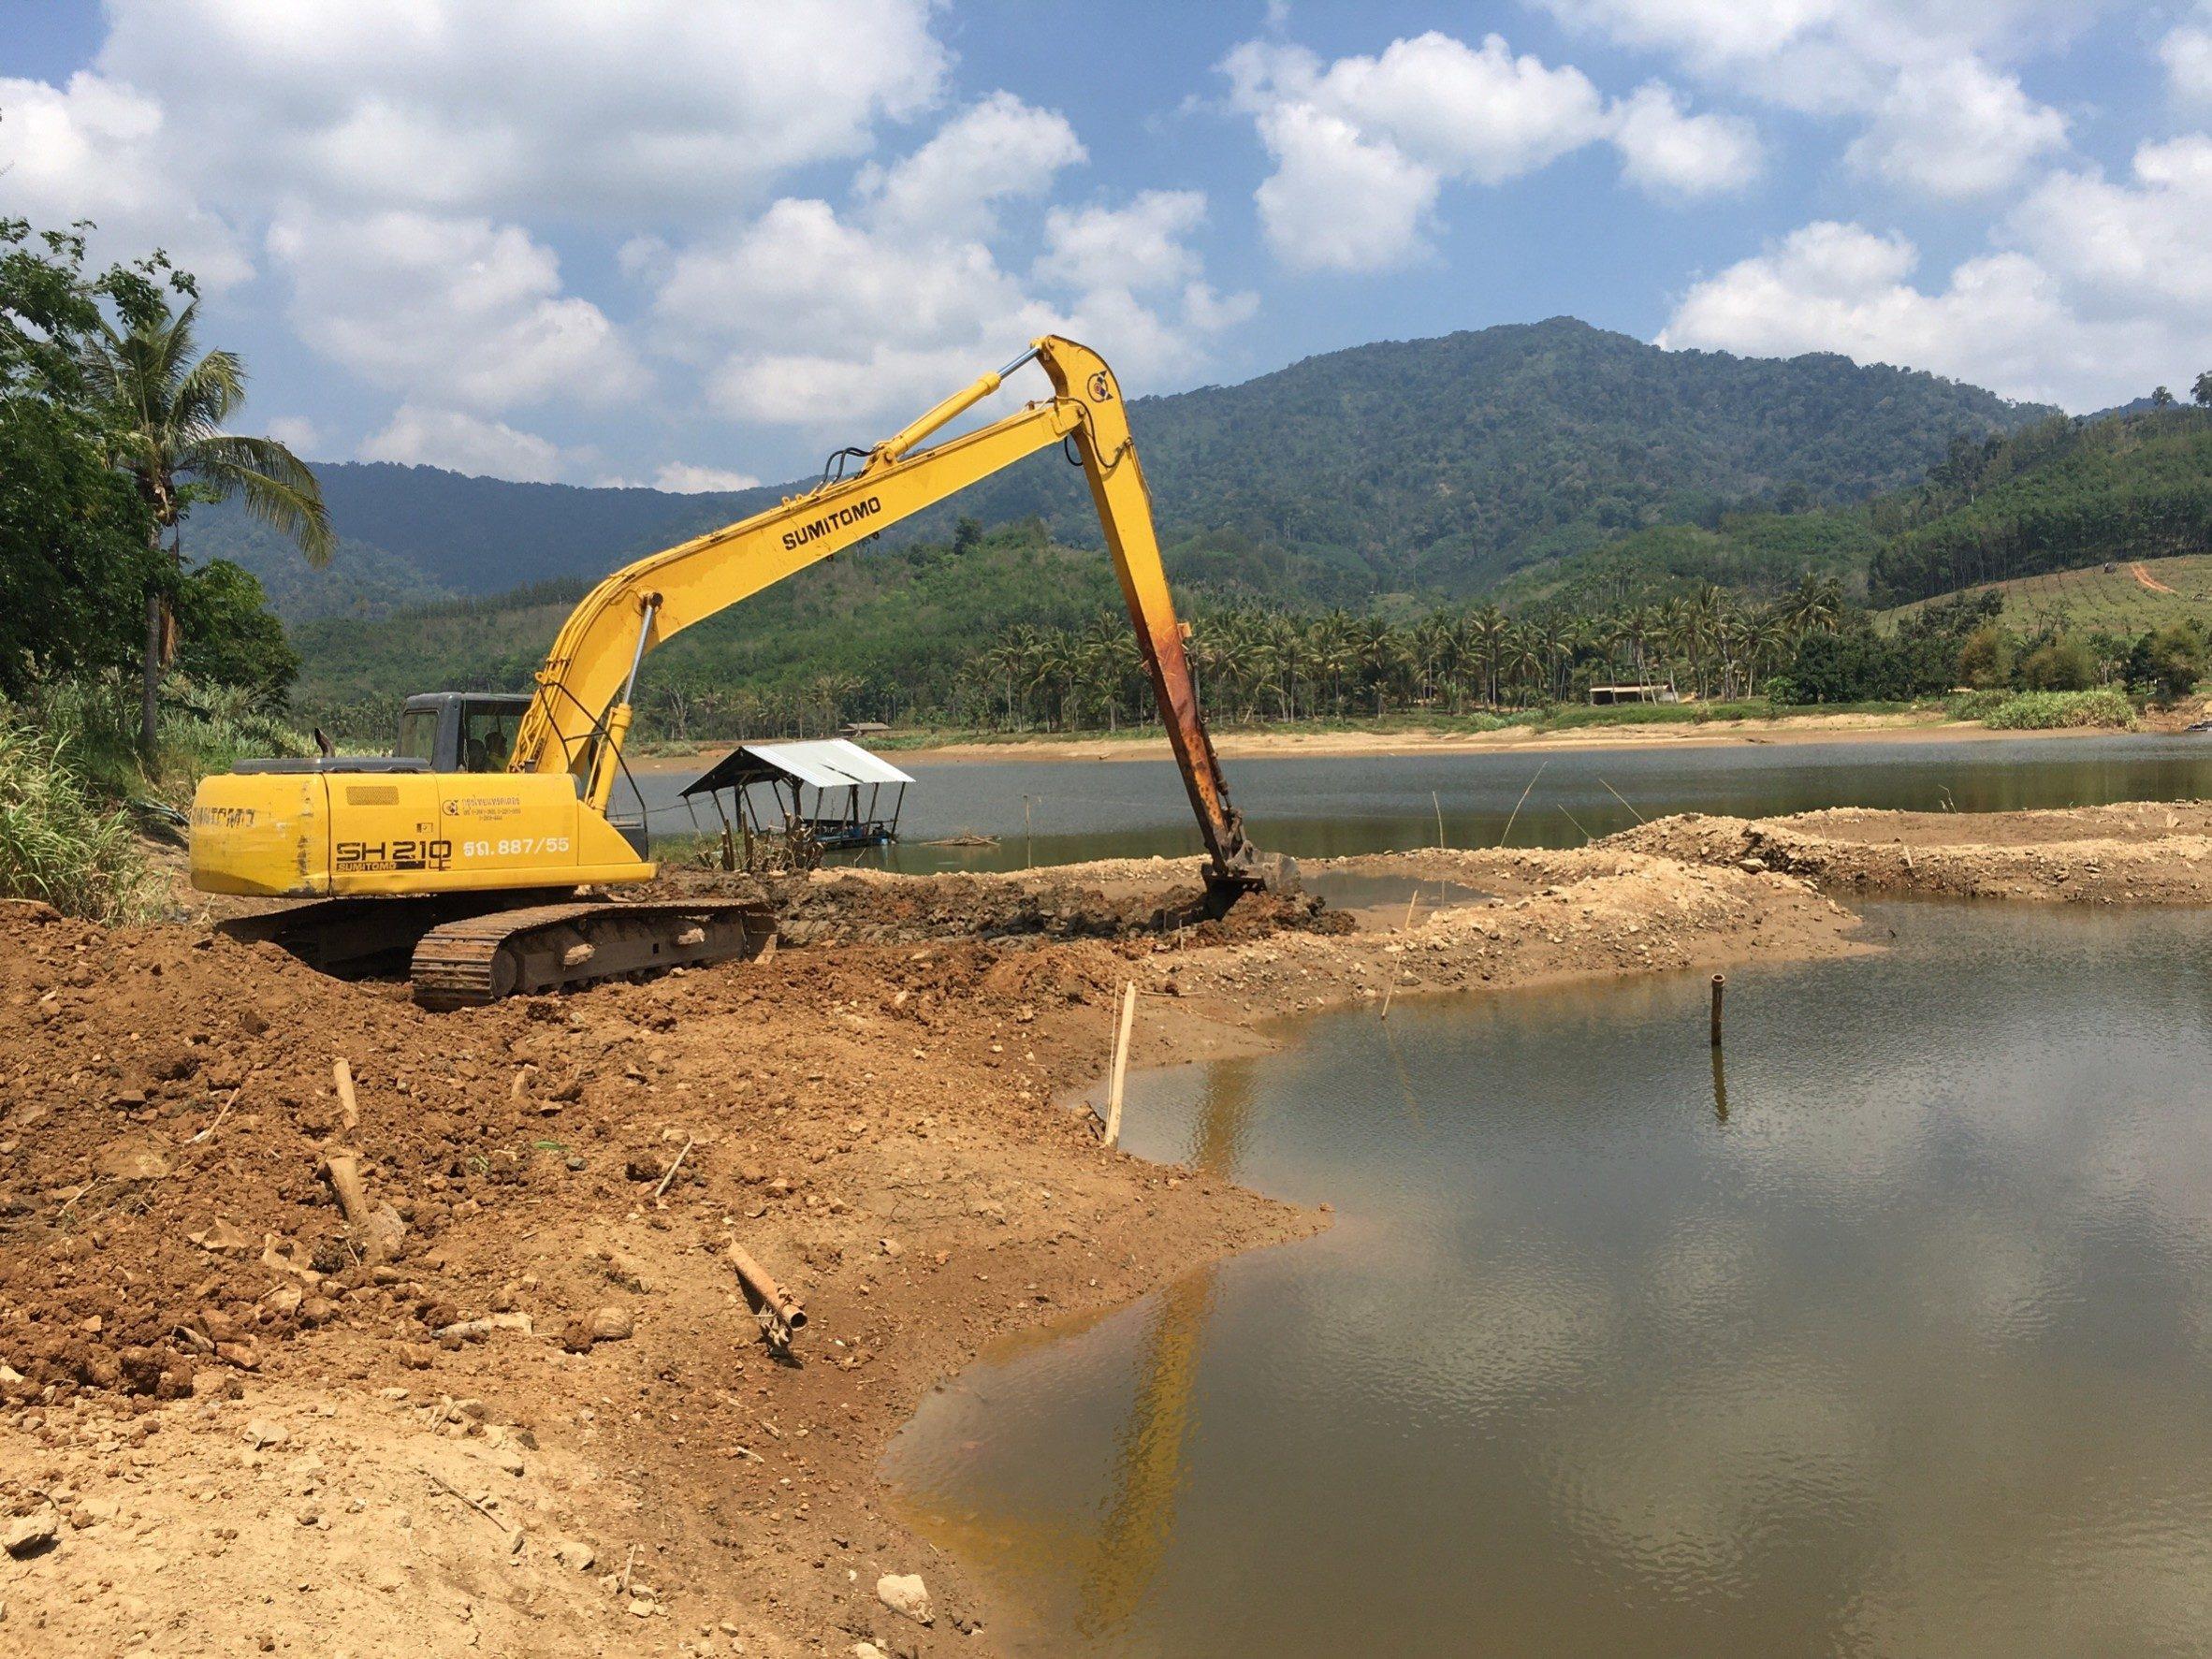 วิกฤตภัยแล้งบางสะพาน กระทบสวนทุเรียนคลองลอย 3.2 พันไร่